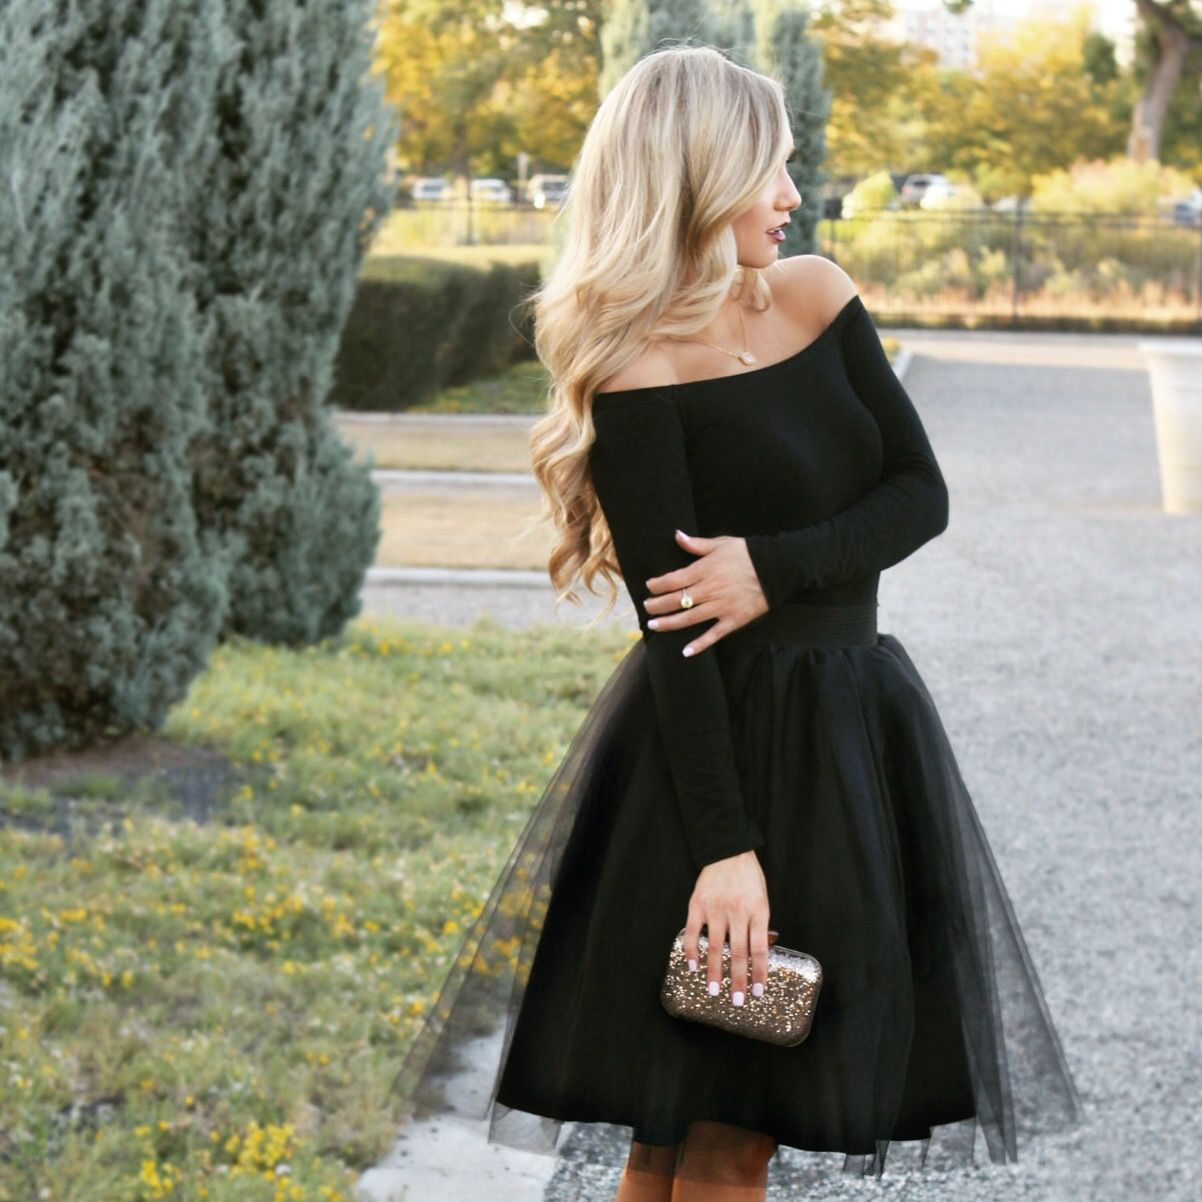 Date Night Tulle Skirt Inspo Black Tulle Skirt By Bliss Tulle Black Tulle Skirt Outfit Tulle Skirt Black Tulle Skirts Outfit [ 1202 x 1202 Pixel ]